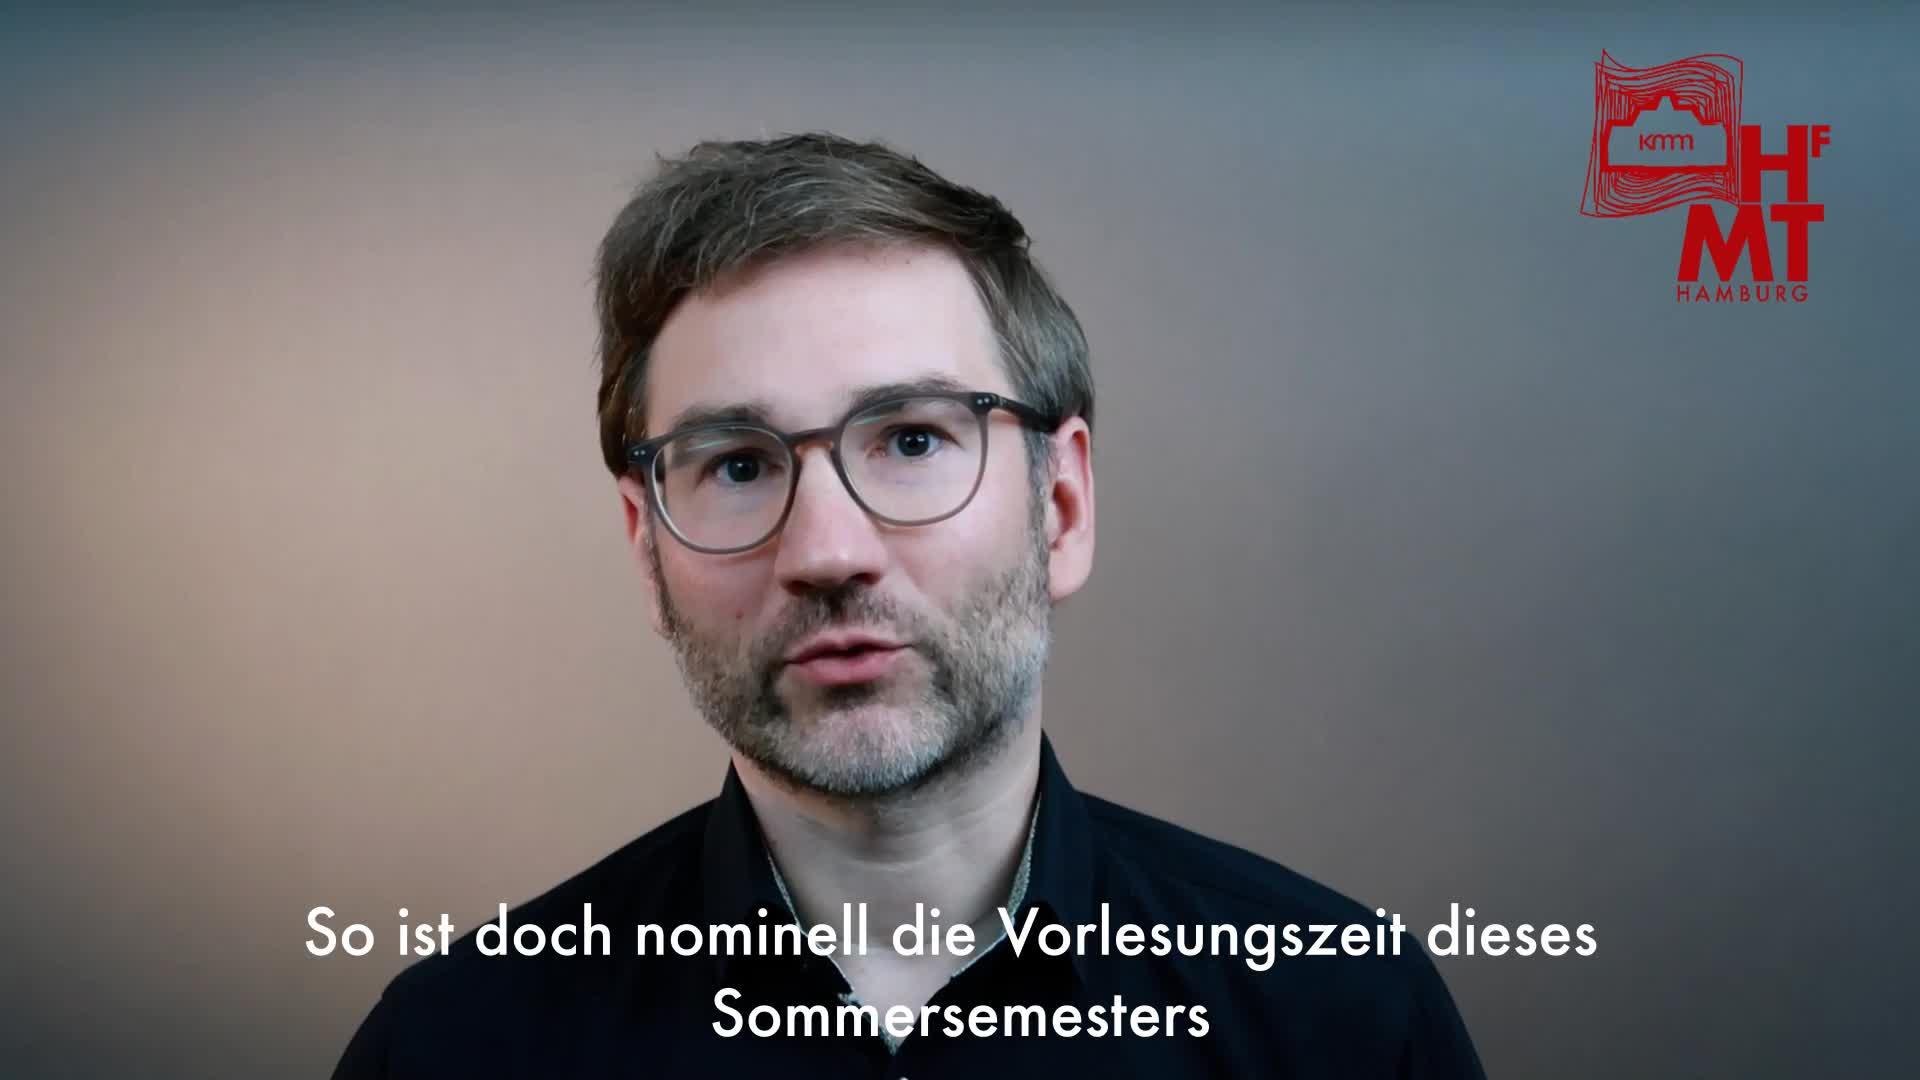 Thumbnail - Ein Videogruß vom Institut KMM Hamburg zum Ende des Sommersemesters